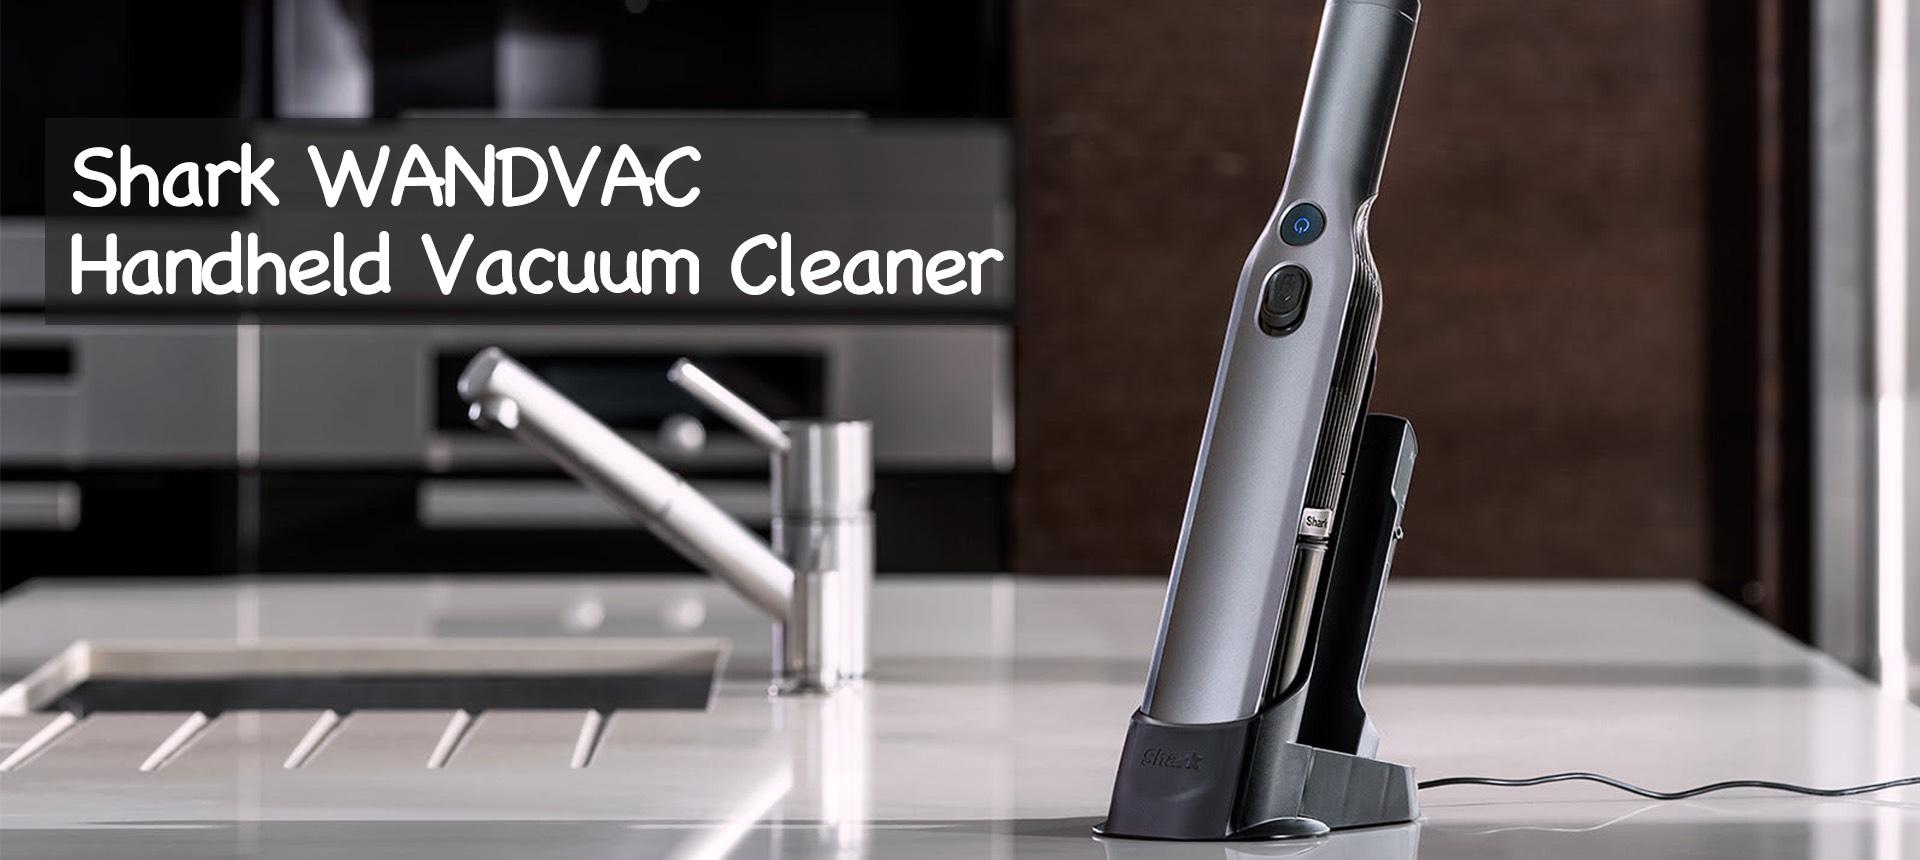 Shark WANDVAC Handheld Vacuum Cleaner